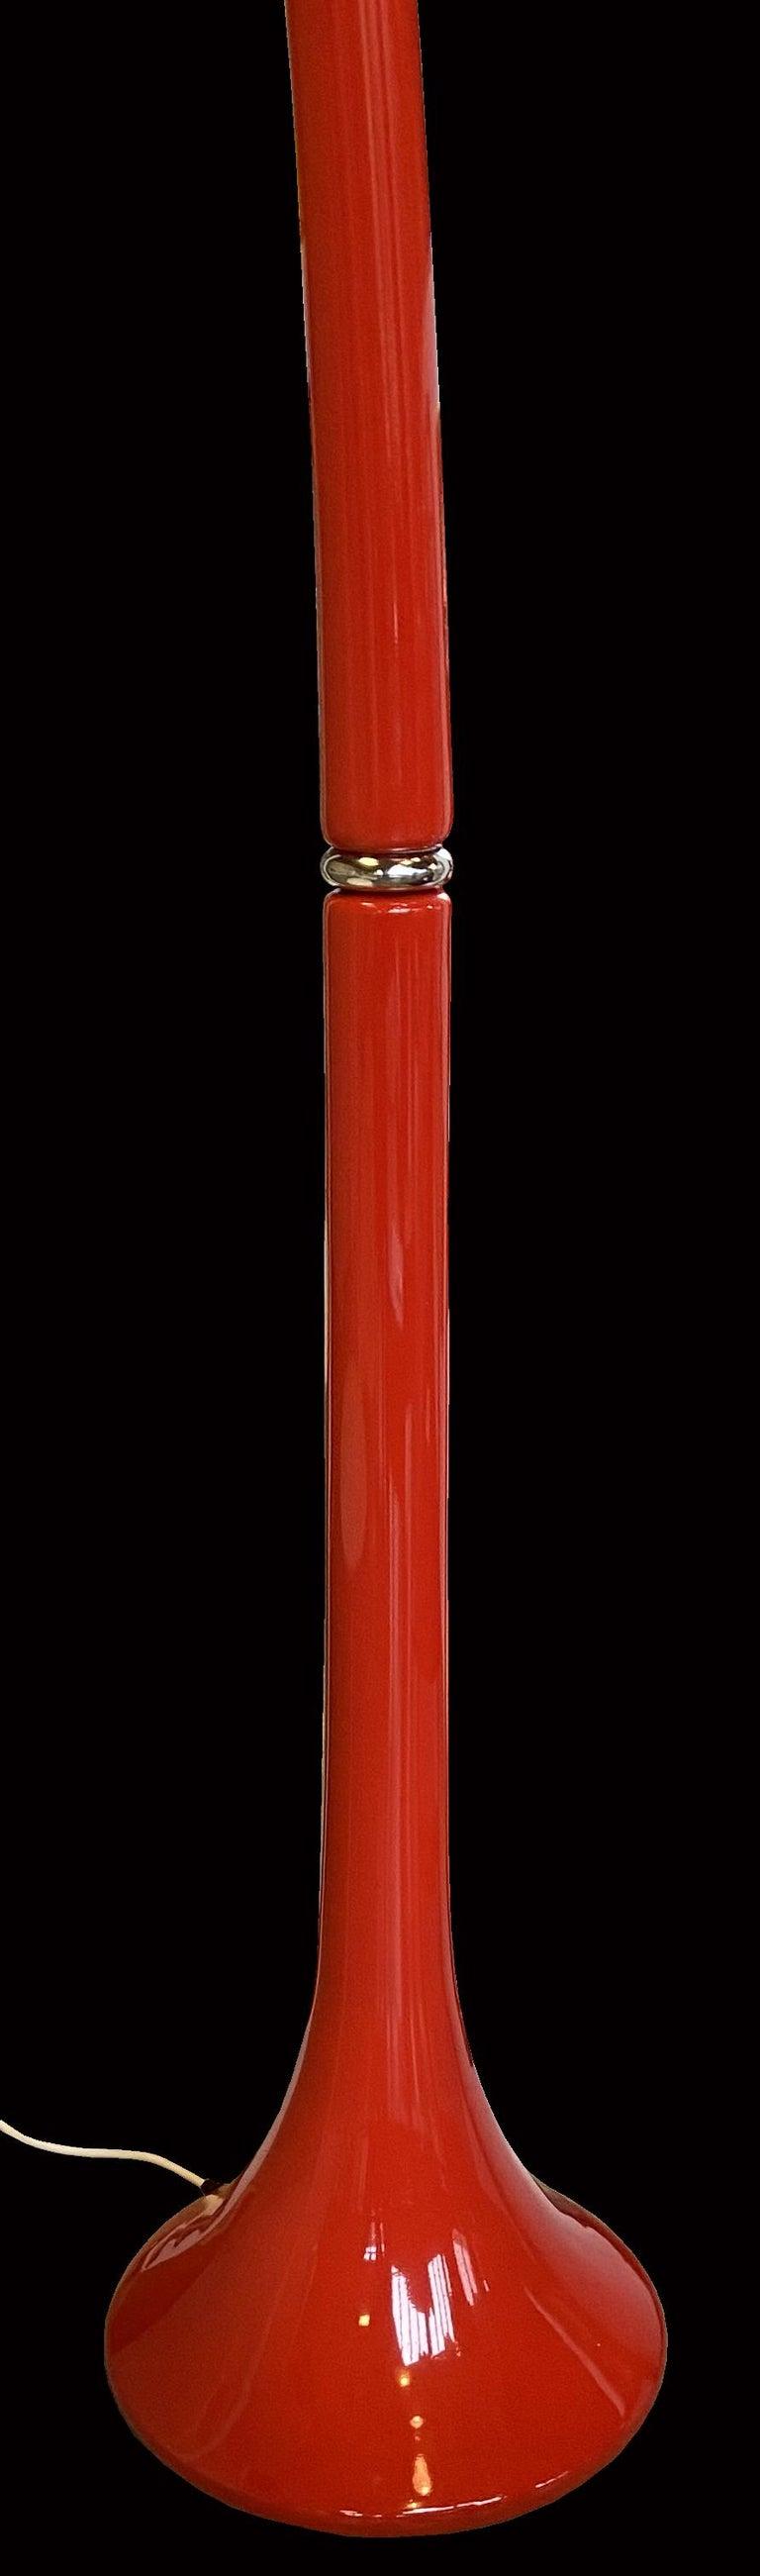 Italian Red 'Lampione' Standard Lamp by Fabio Lenci for Guzzini For Sale